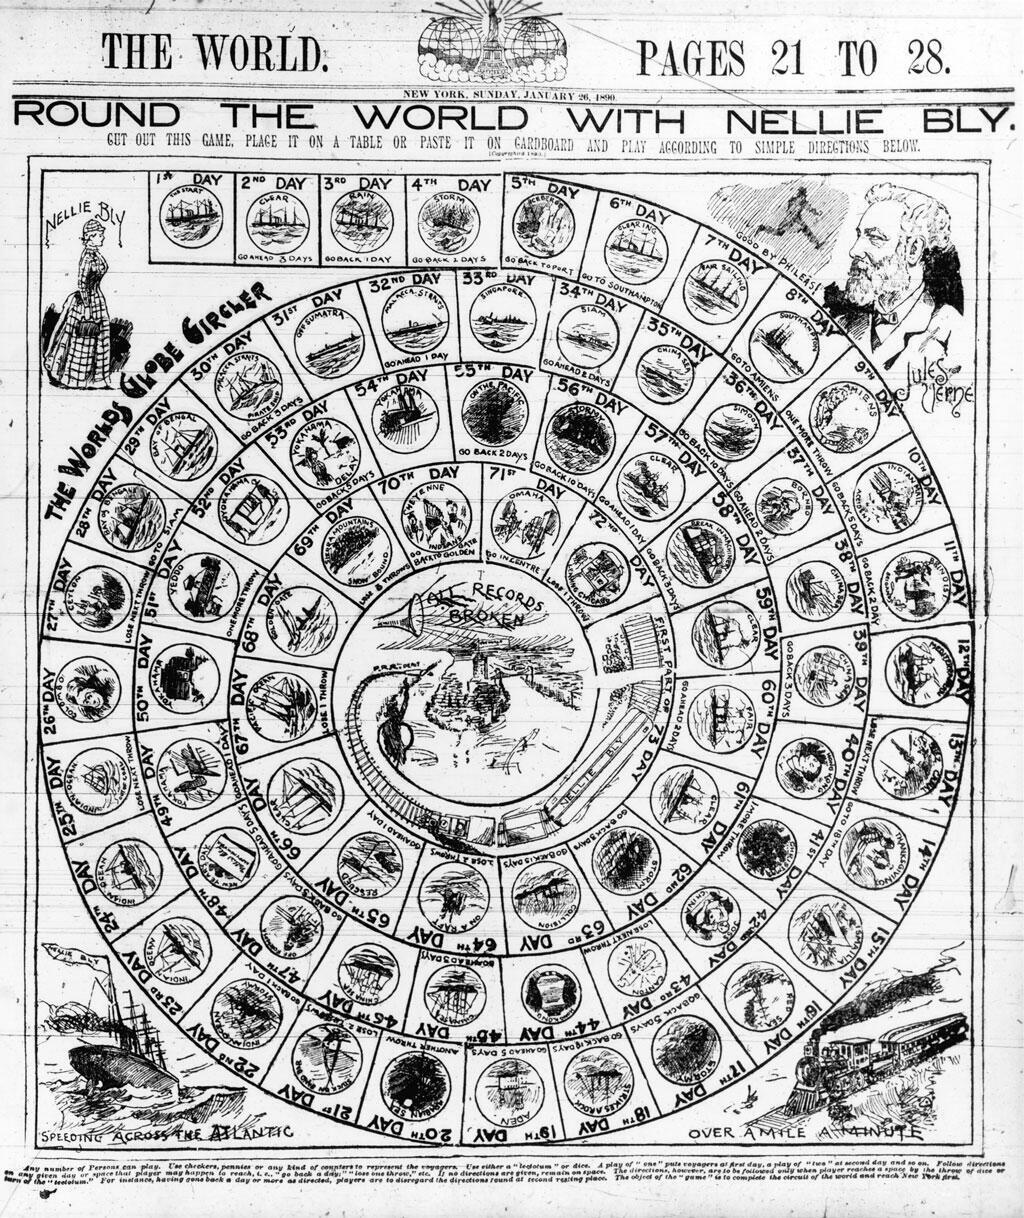 Jeu de l'oie retraçant le tour du monde de Nellie Bly, publié par le New York World en 1890.